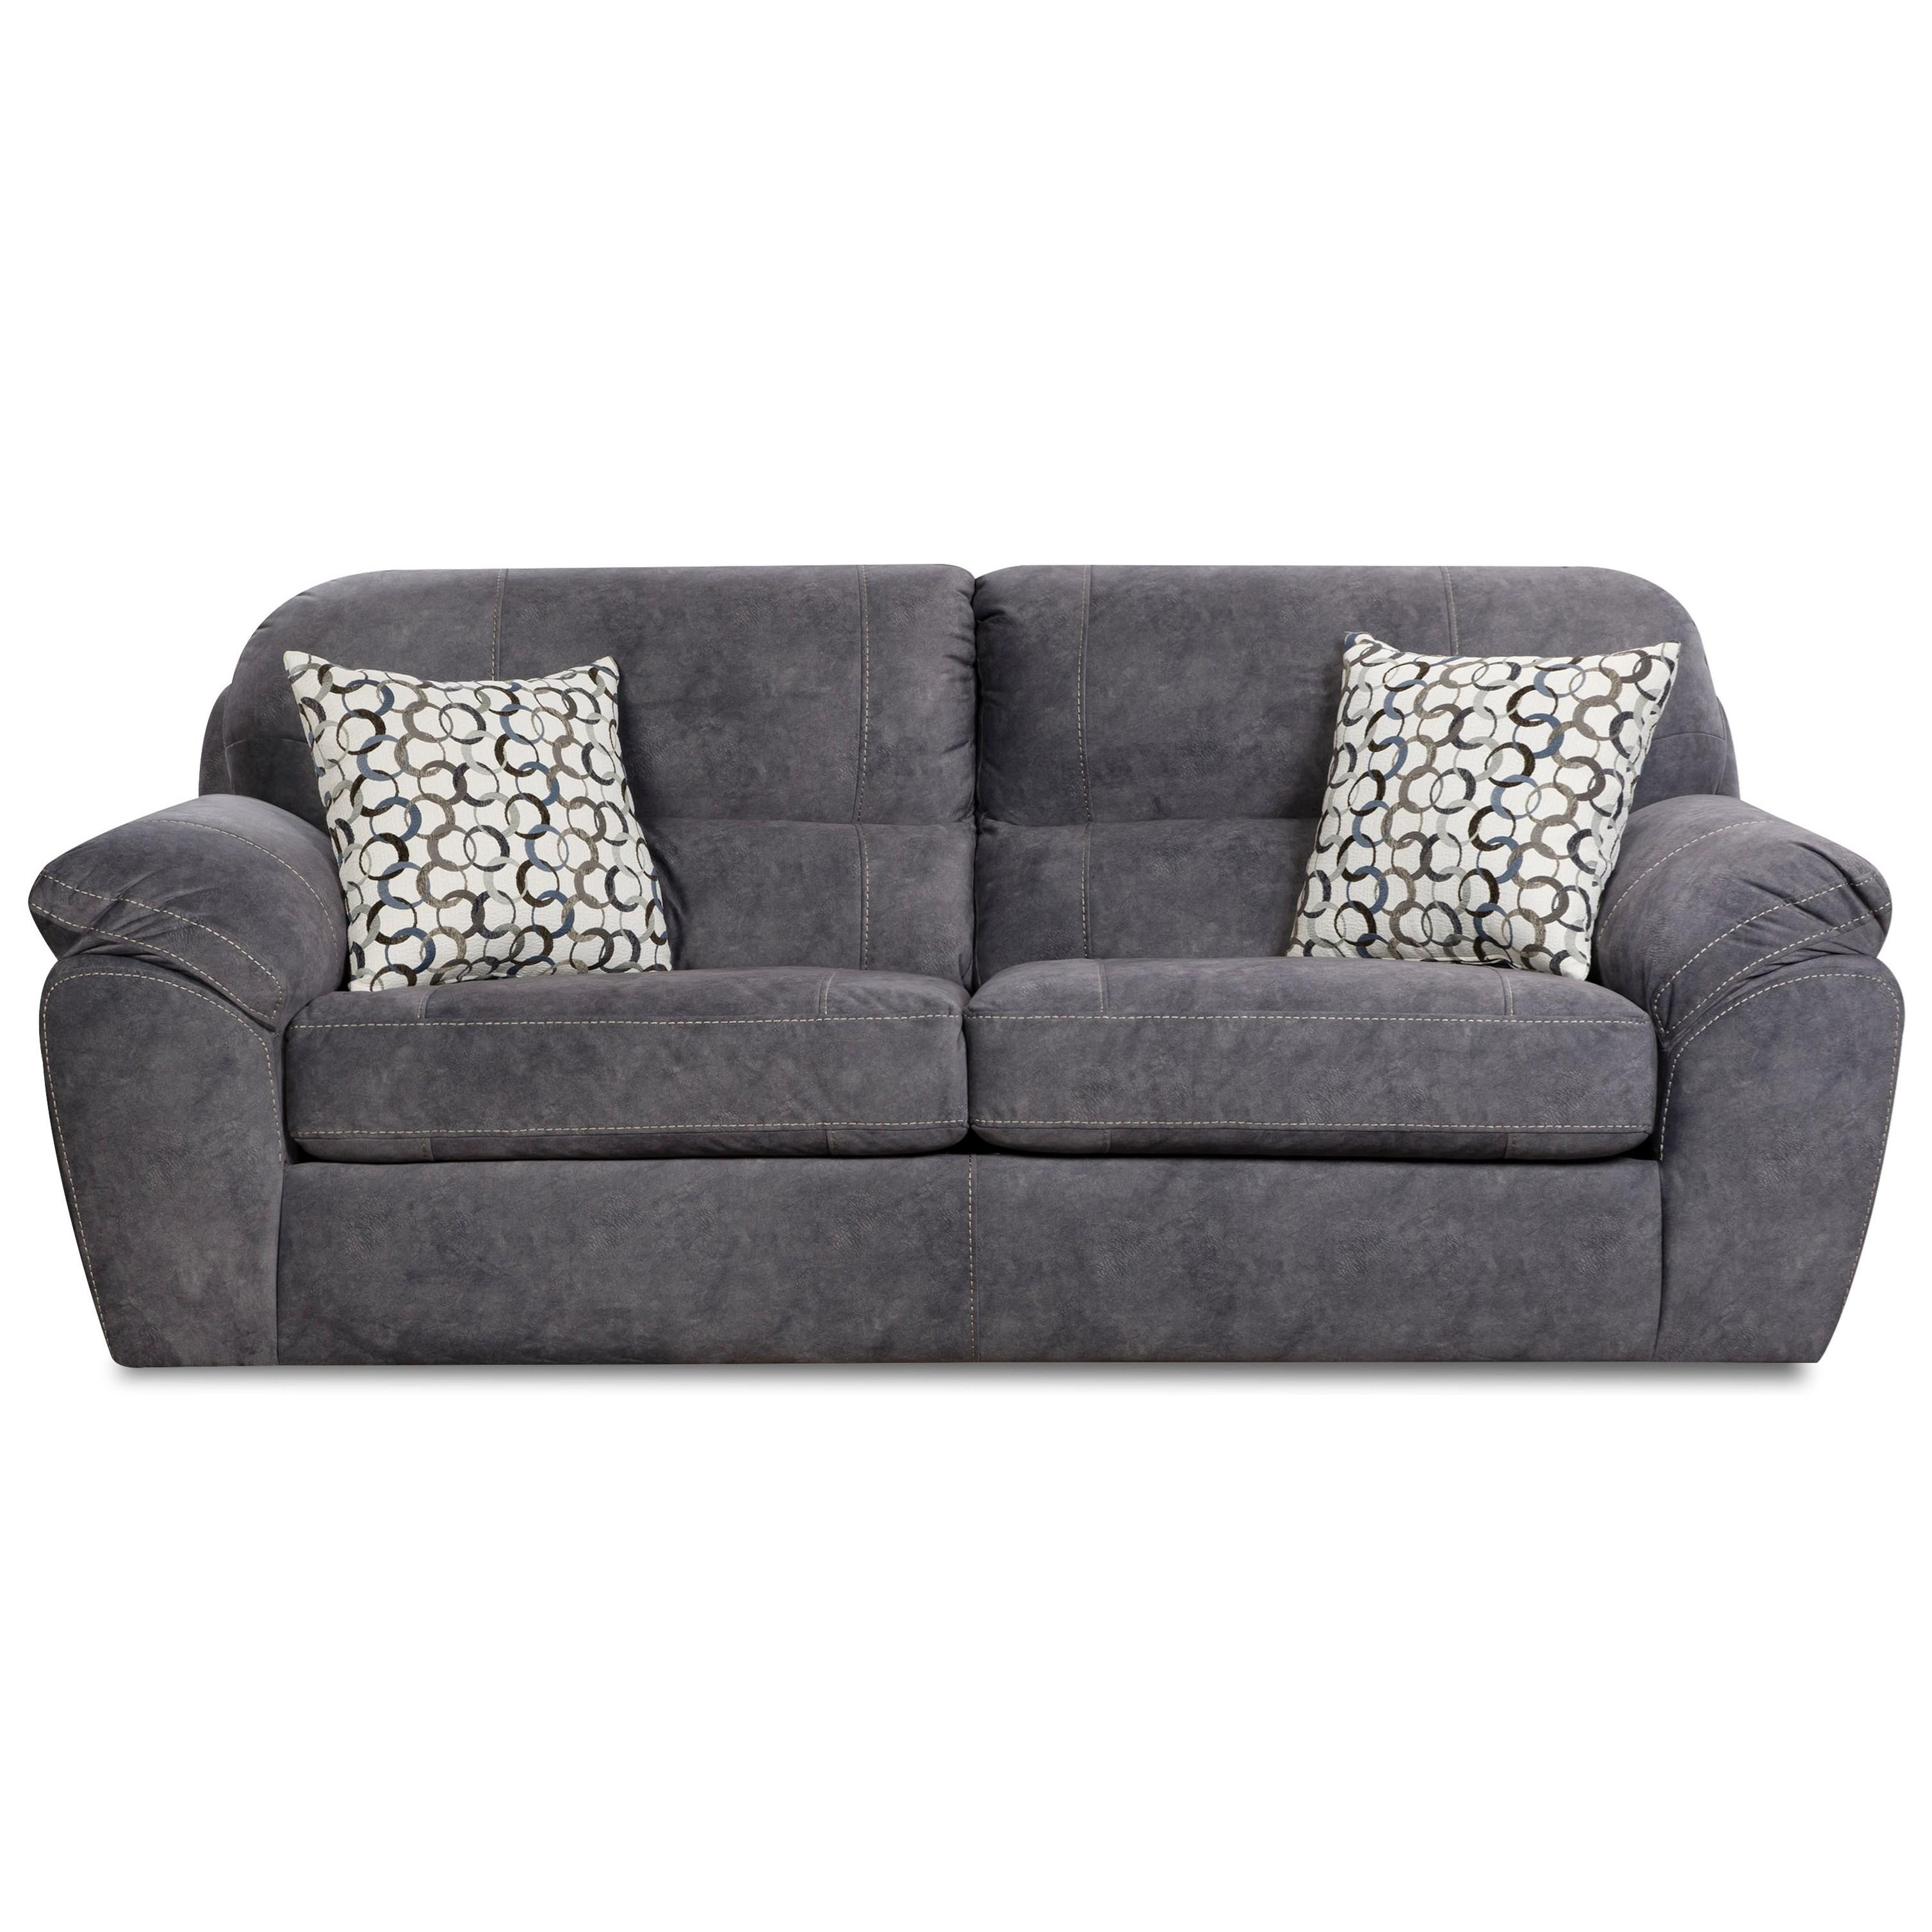 Corinthian 18A0 Sofa - Item Number: FG18C3-ATLAS-INDIGO